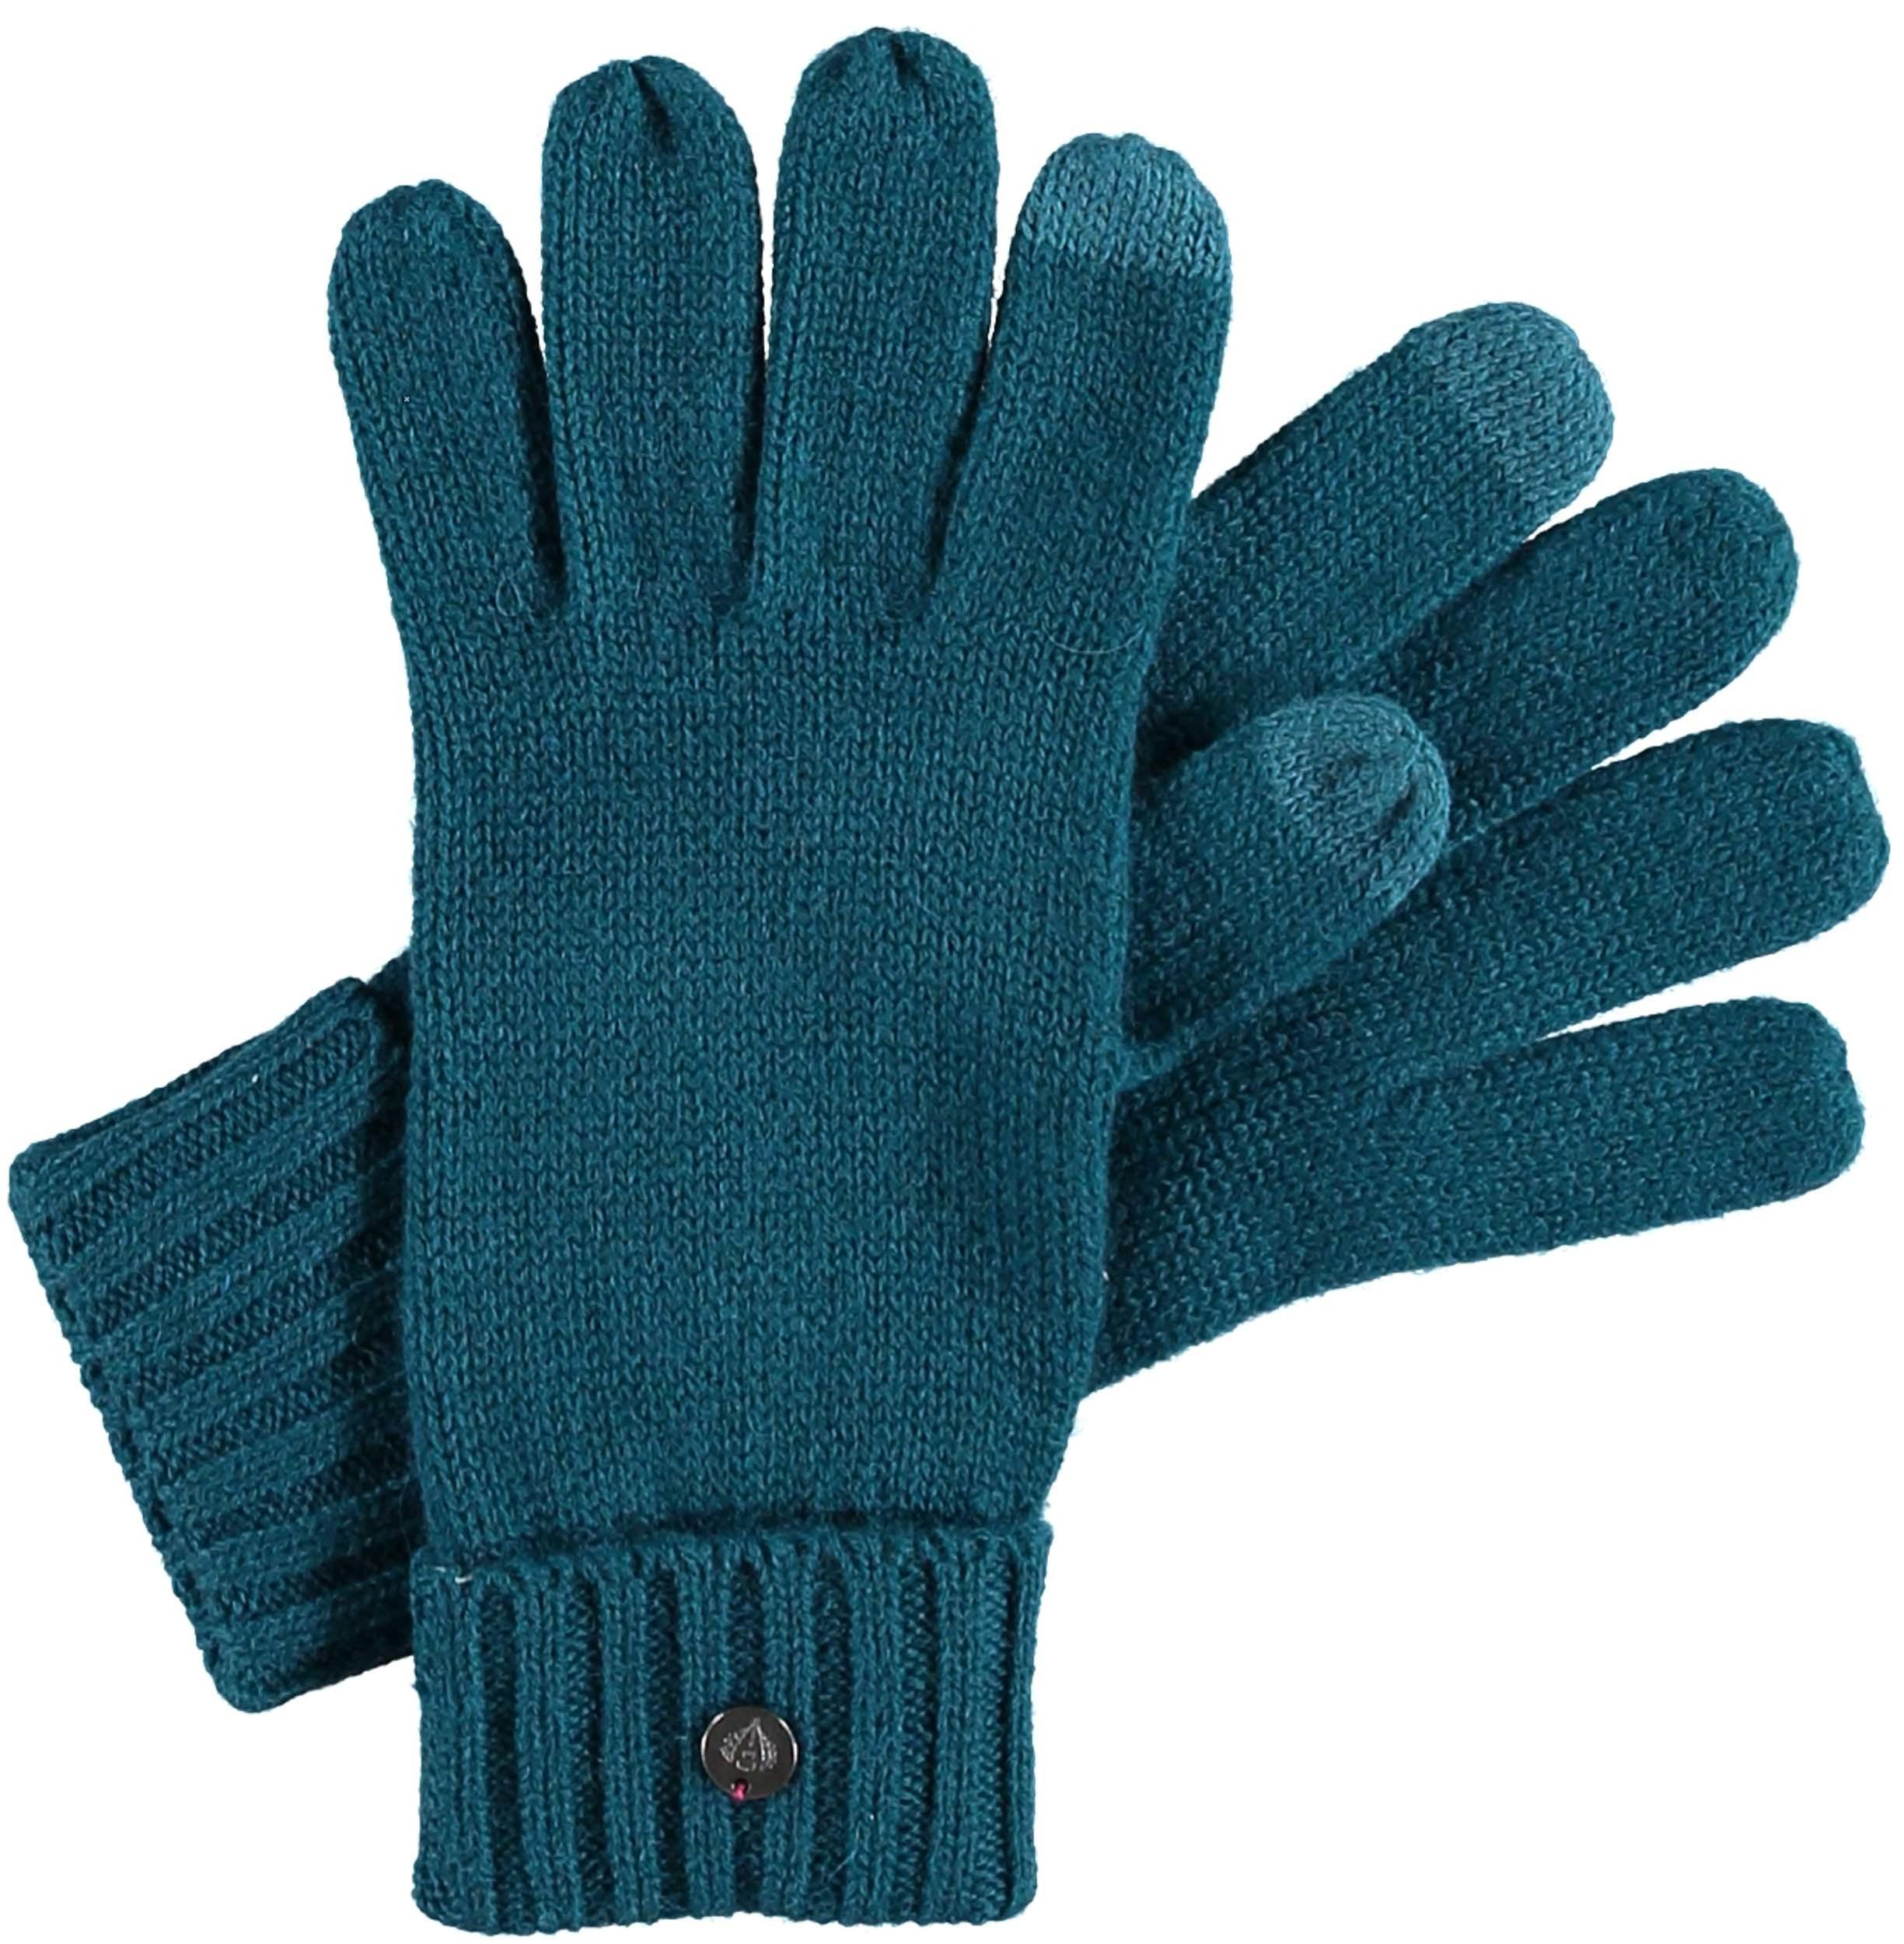 Handschuhe Herren   wärmend & in feinster Qualität   FRAAS